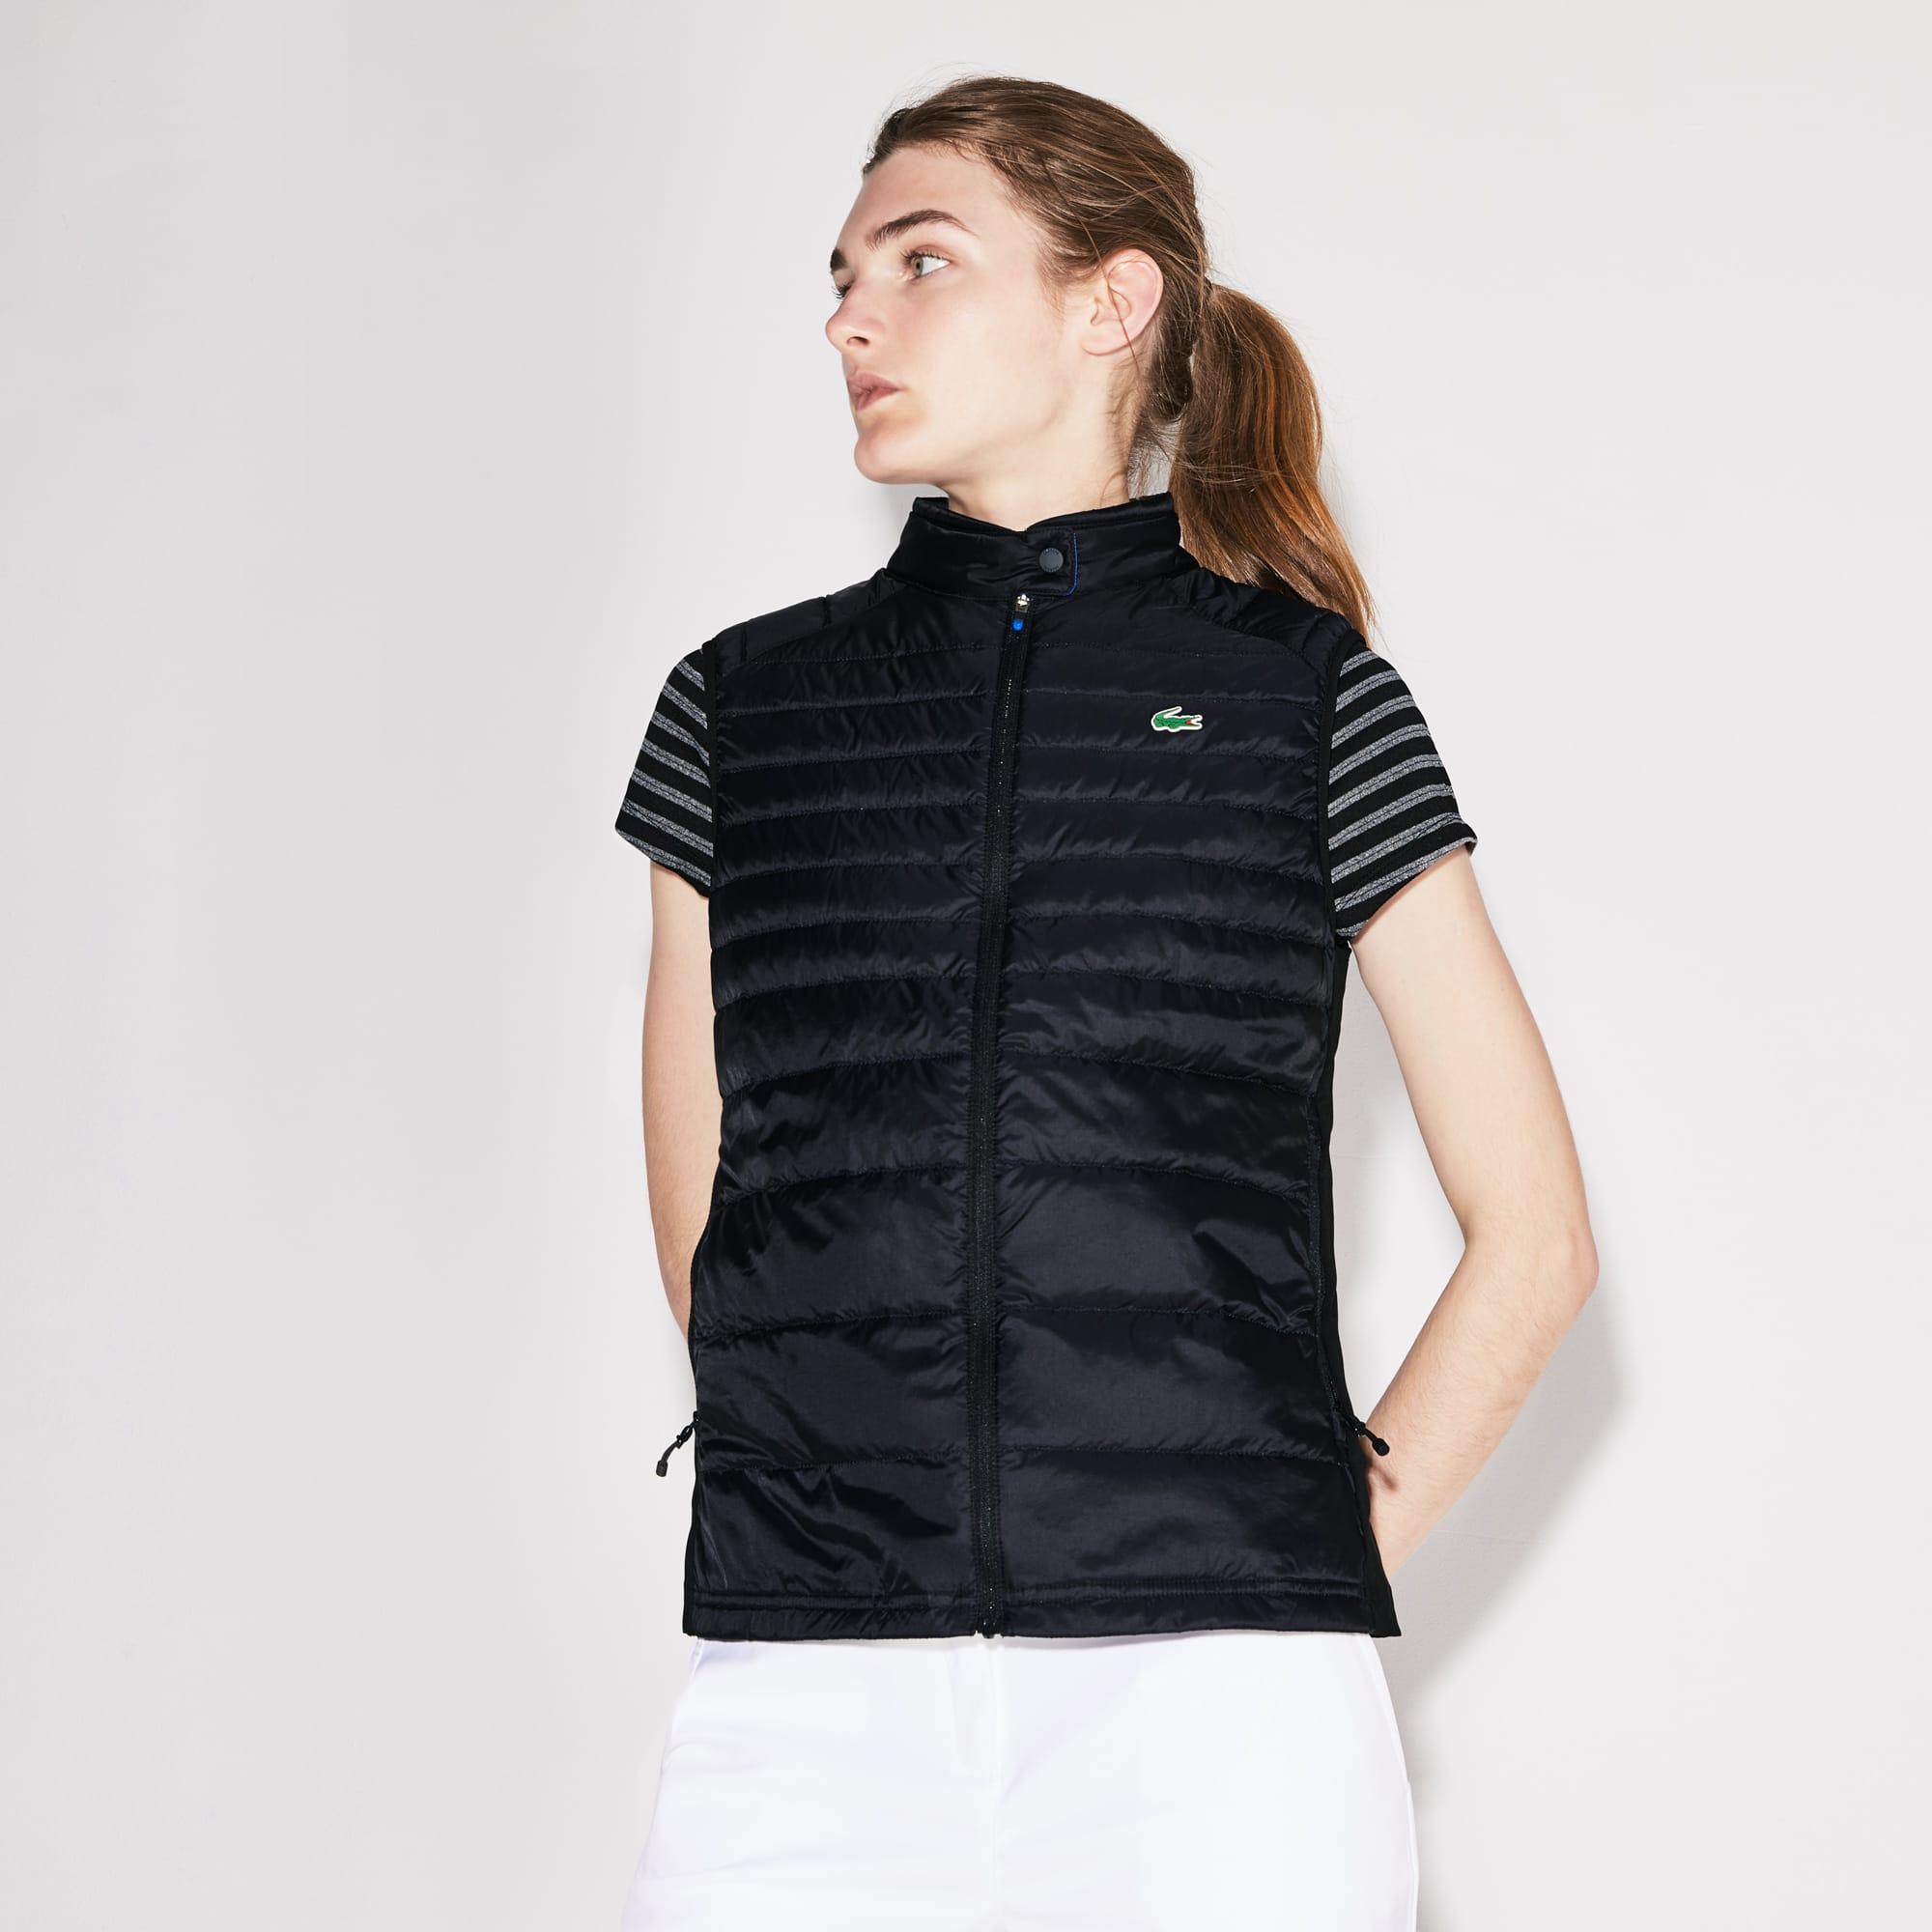 Lacoste SPORT-golfvest dames waterbestendig gewatteerd technisch